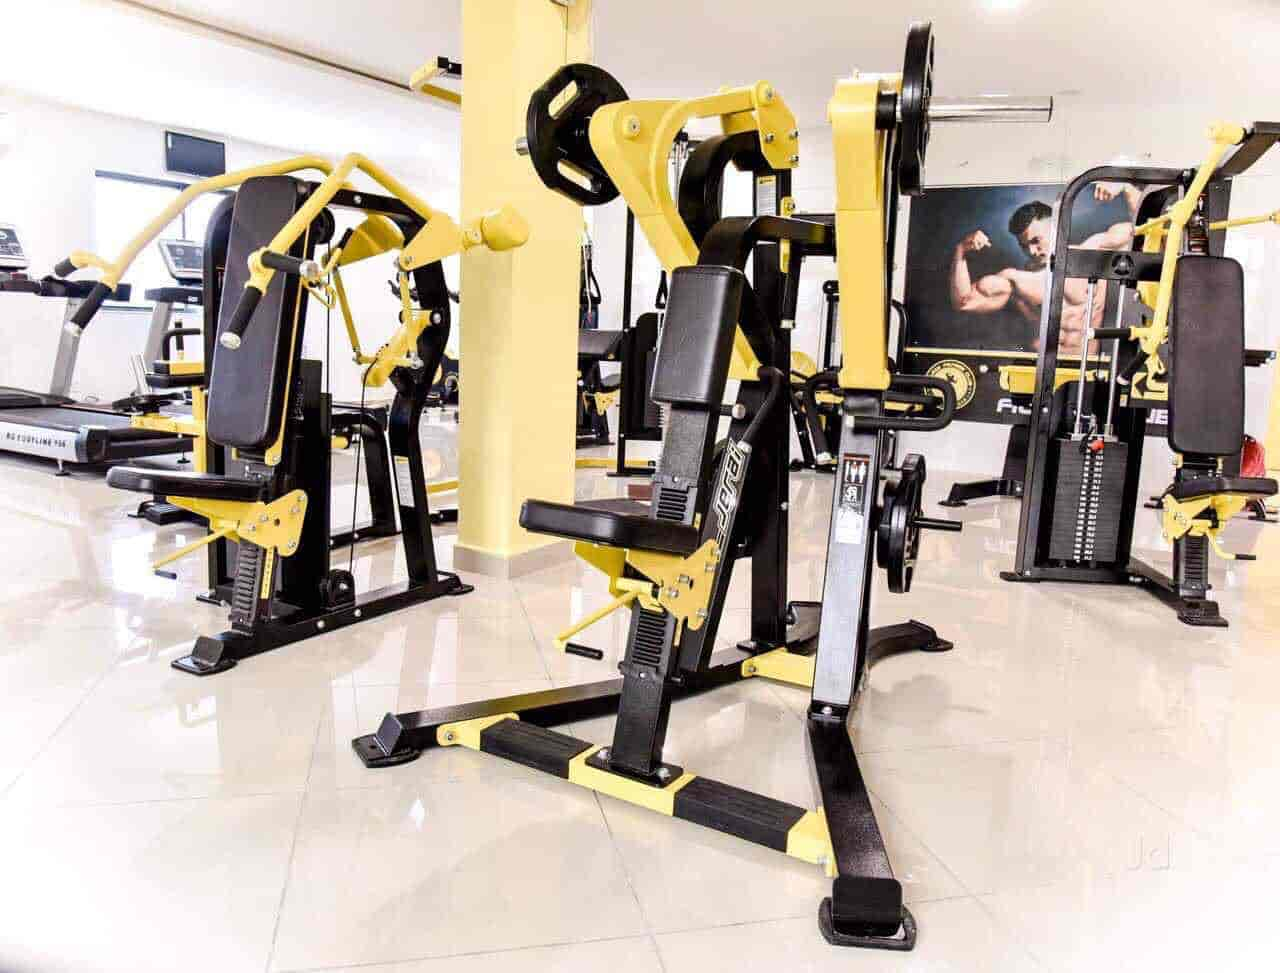 Galaxy fitness club by sahil khan gokulpeth gyms in nagpur